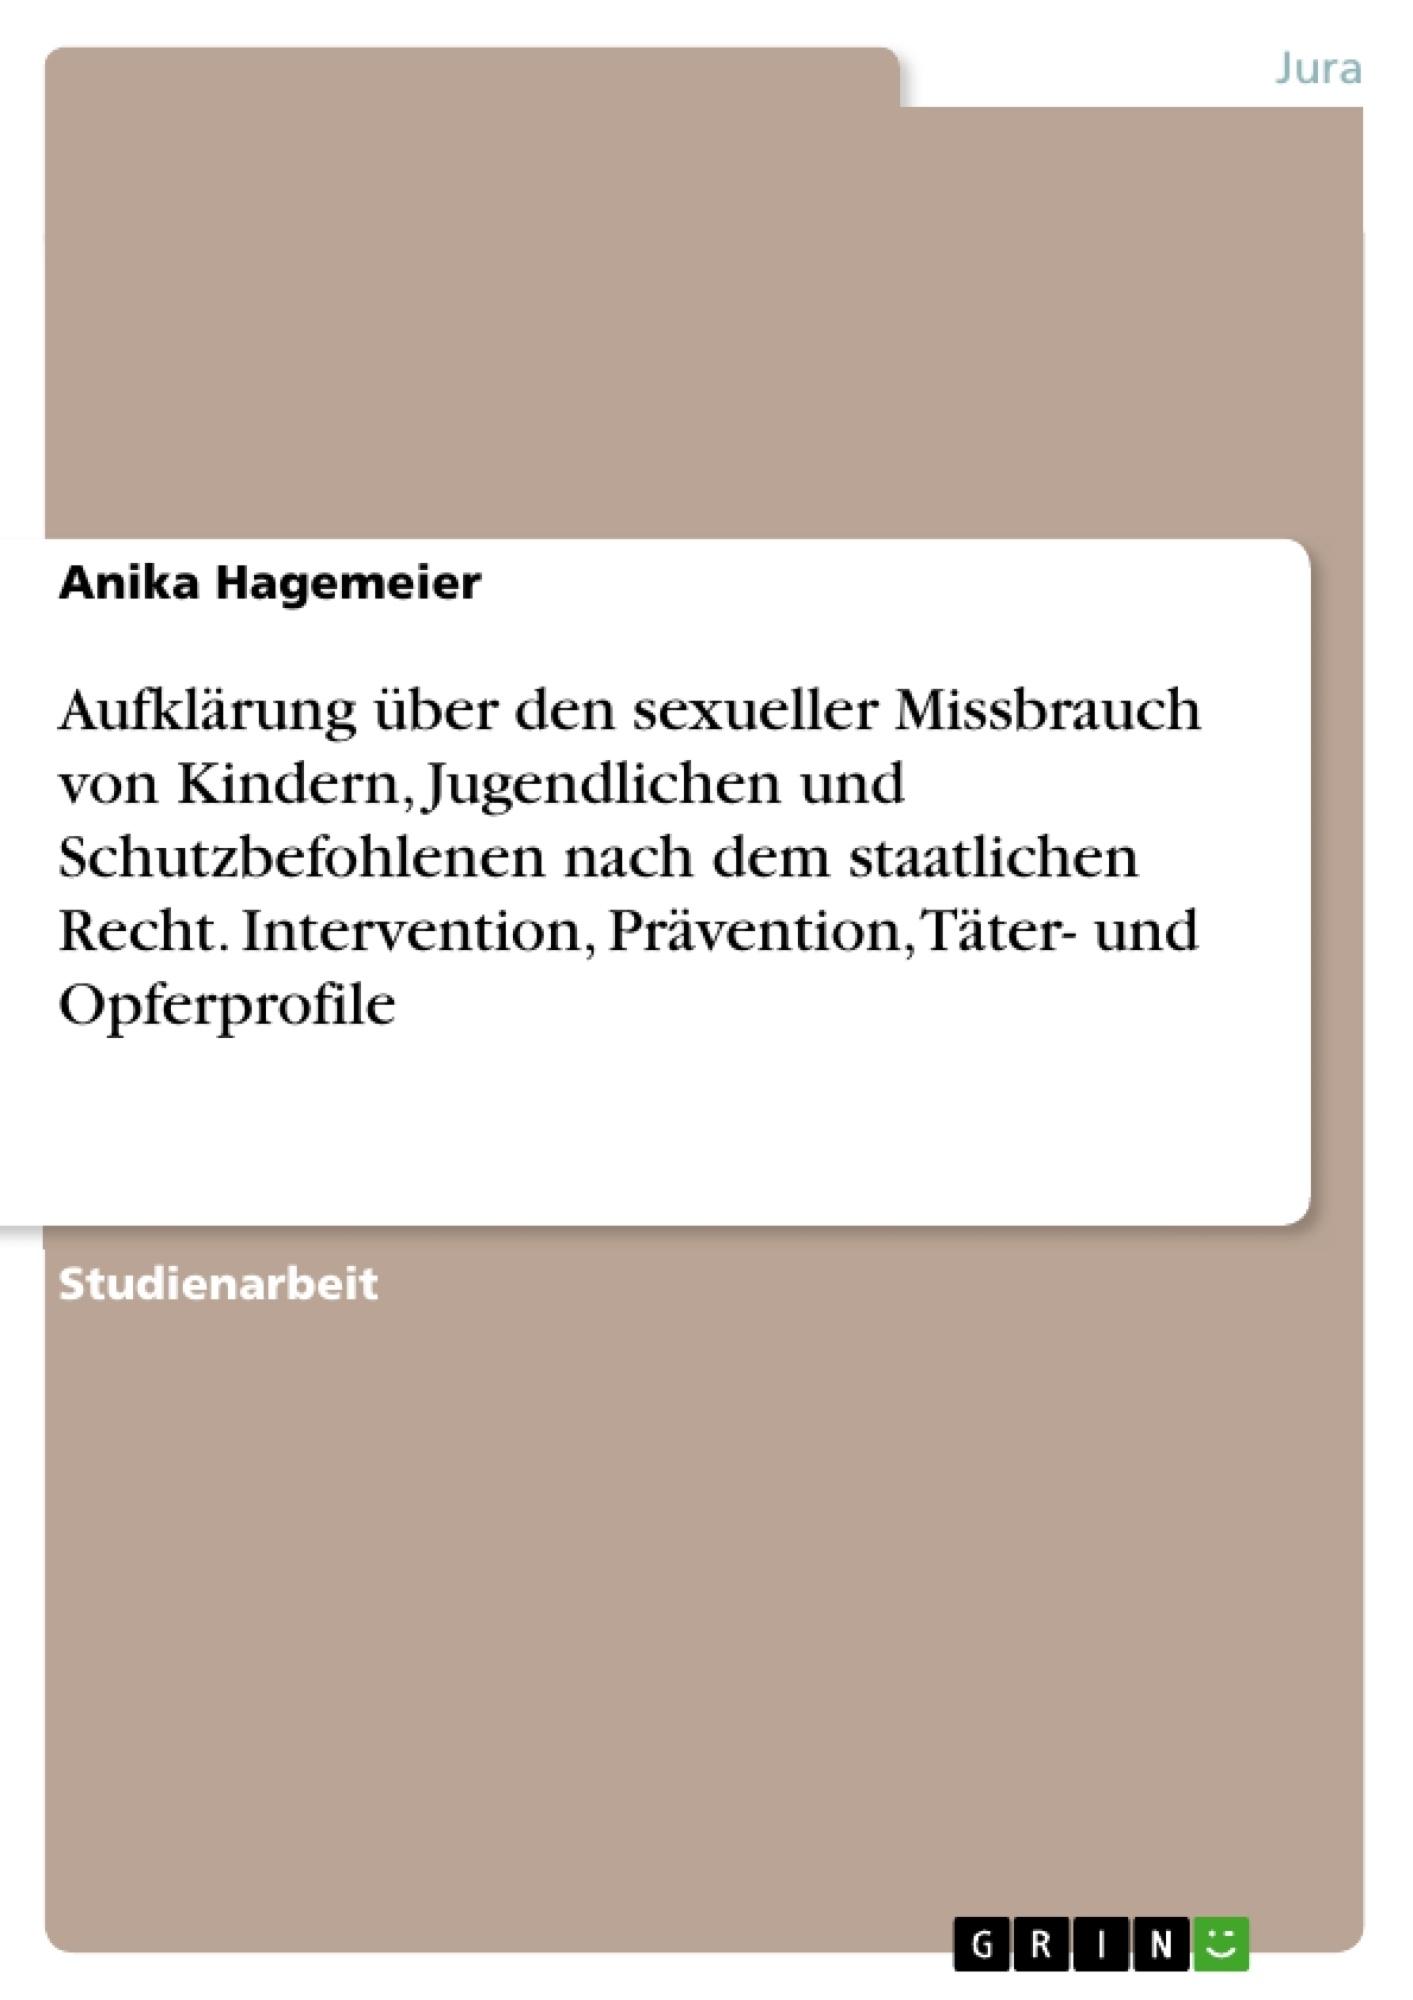 Titel: Aufklärung über den sexueller Missbrauch von Kindern, Jugendlichen und Schutzbefohlenen nach dem staatlichen Recht. Intervention, Prävention, Täter- und Opferprofile